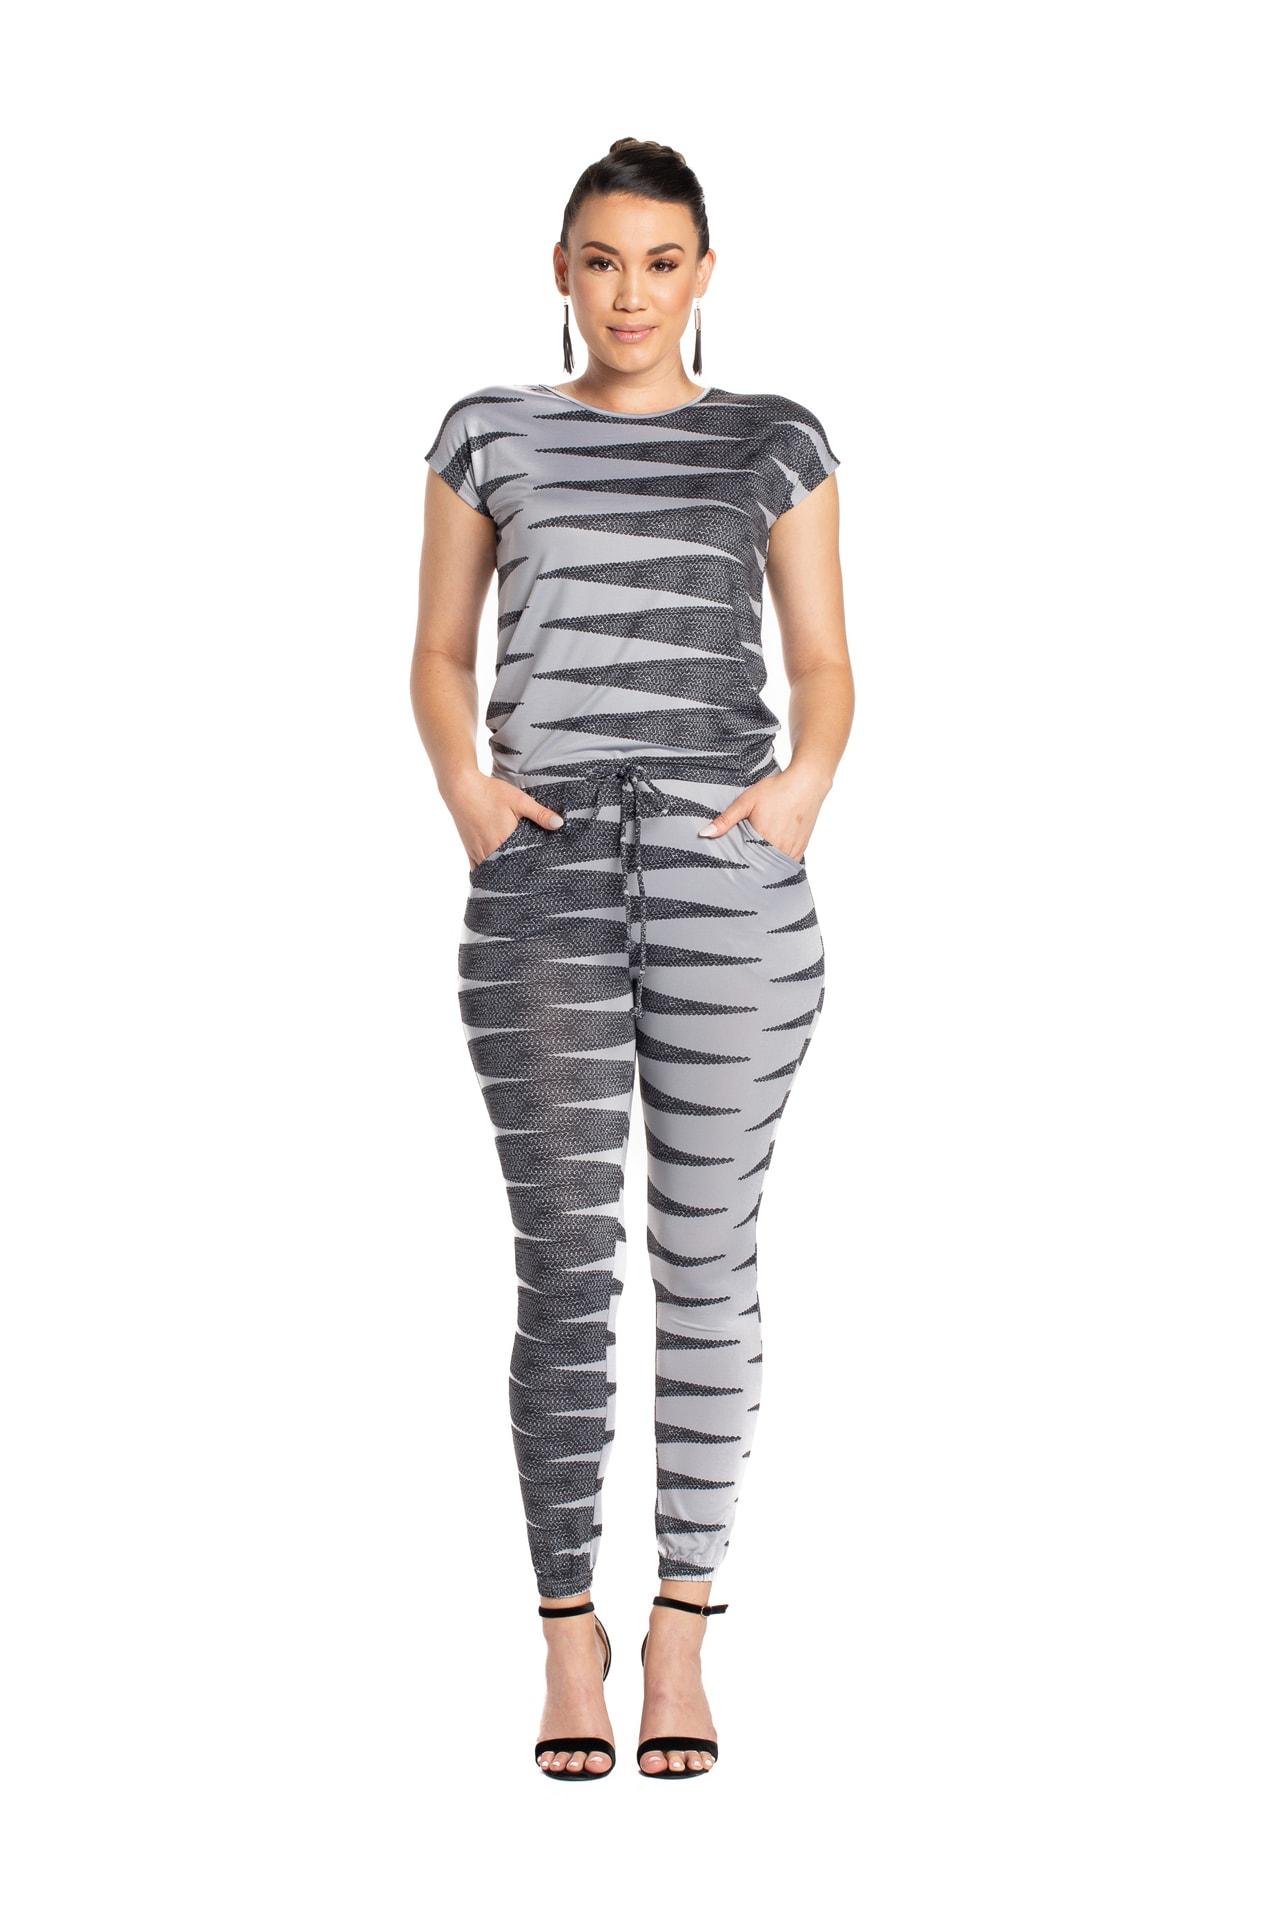 Model wearing Lai Jumpsuit in Grey